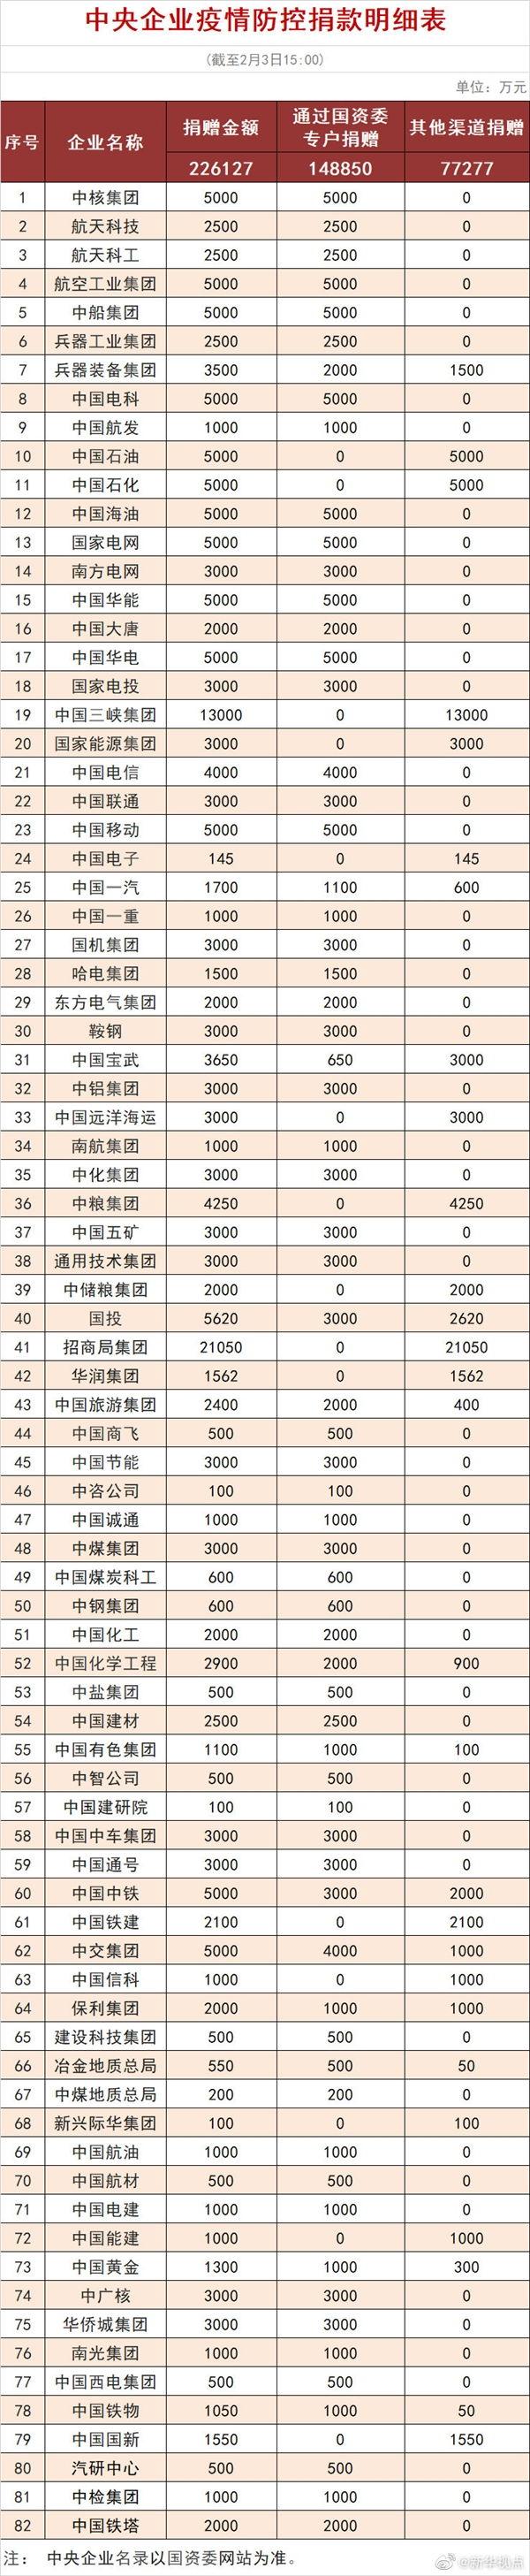 疫情告急,82家央企已经累计捐款已超过22亿元-玩懂手机网 - 玩懂手机第一手的手机资讯网(www.wdshouji.com)